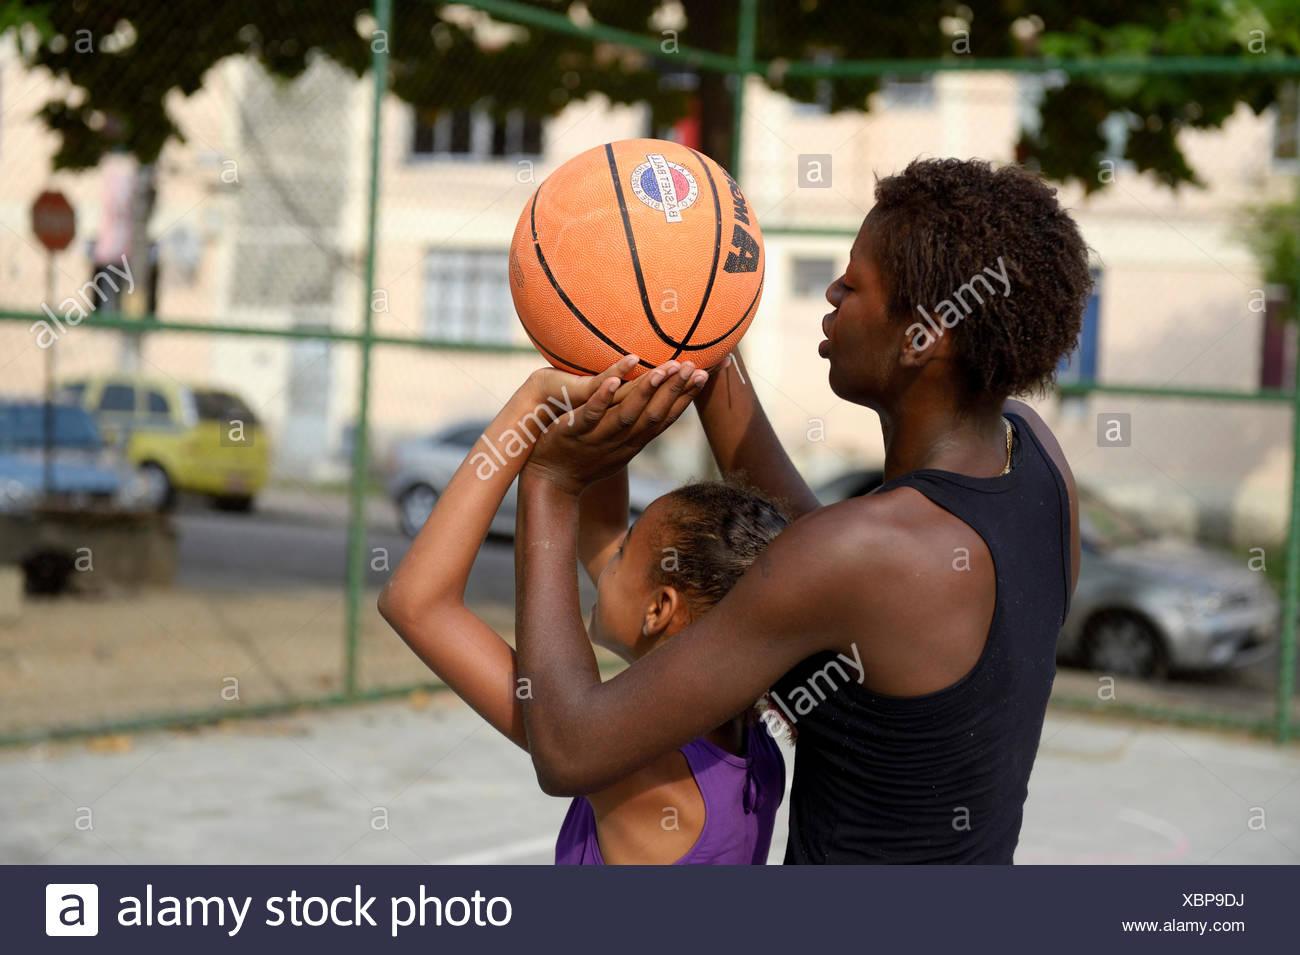 Two girls, 15 and 10, training basketball, Rio de Janeiro, Rio de Janeiro State, Brazil Stock Photo